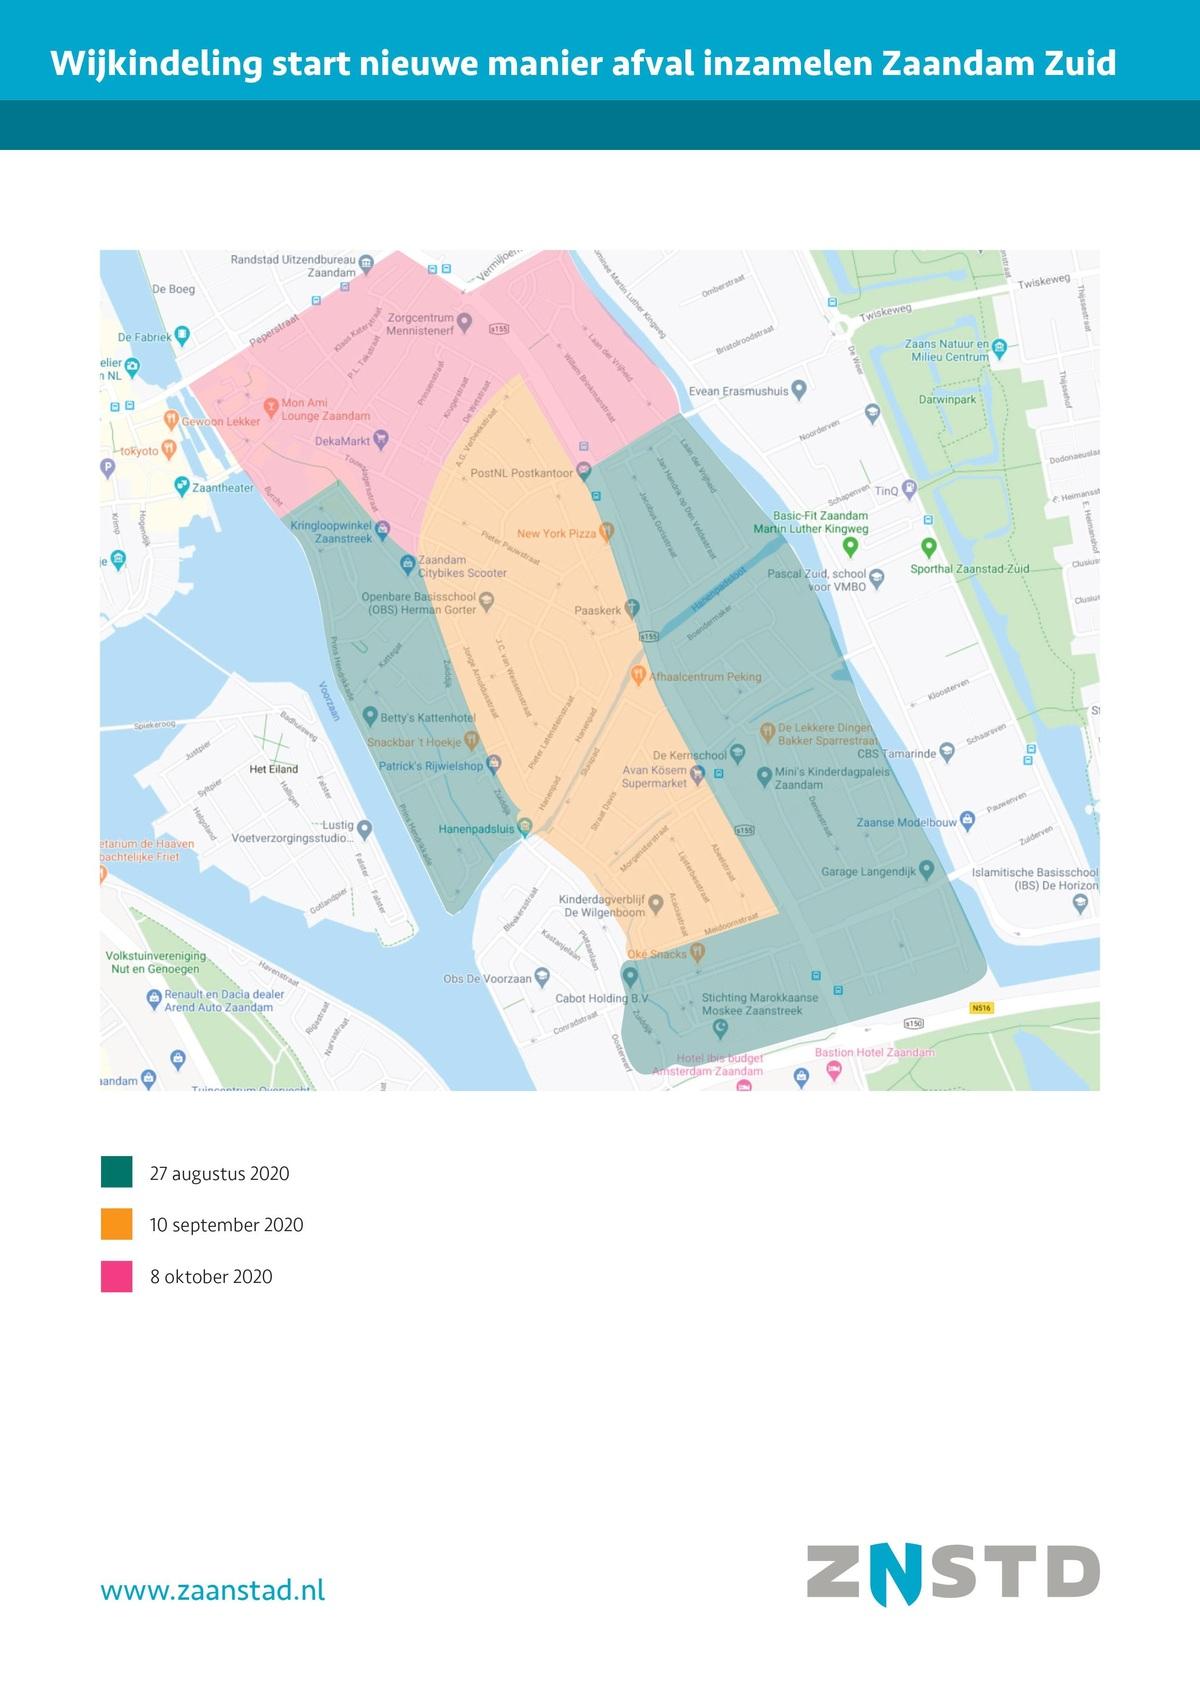 kaart wijkindeling Zaandam Zuid